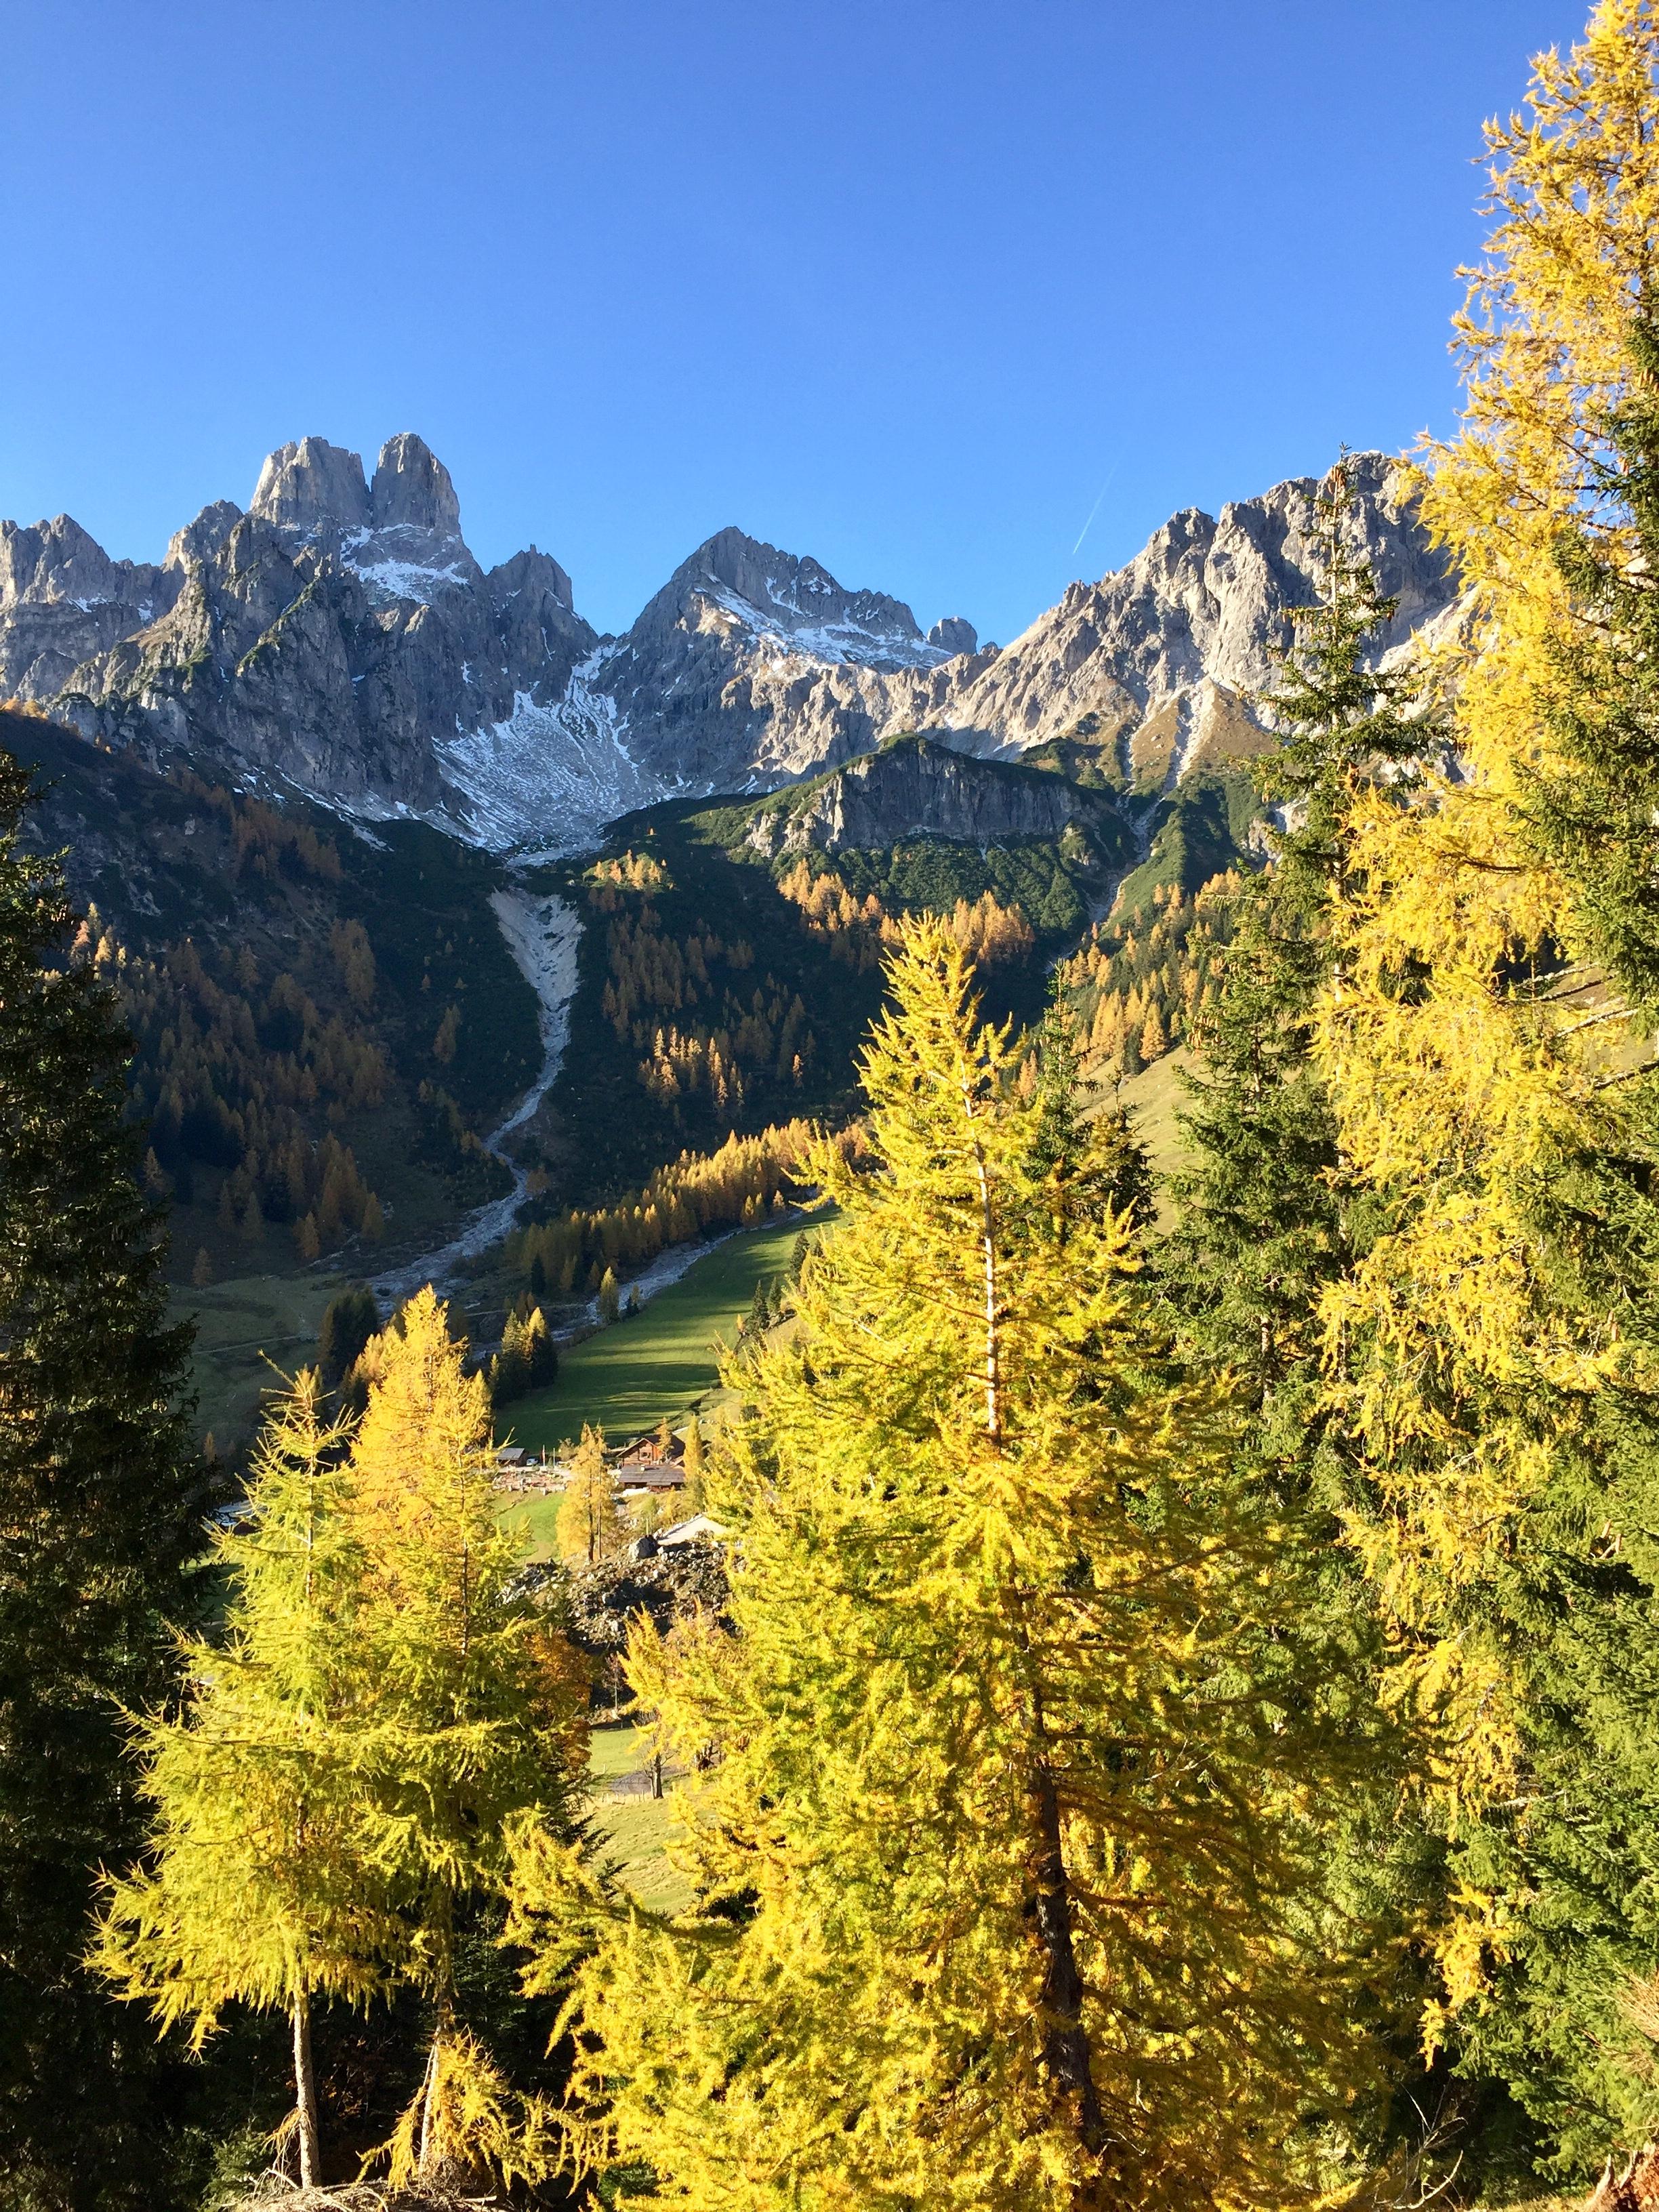 Wunderschöner goldener Herbst im Bergdorf Filzmoos